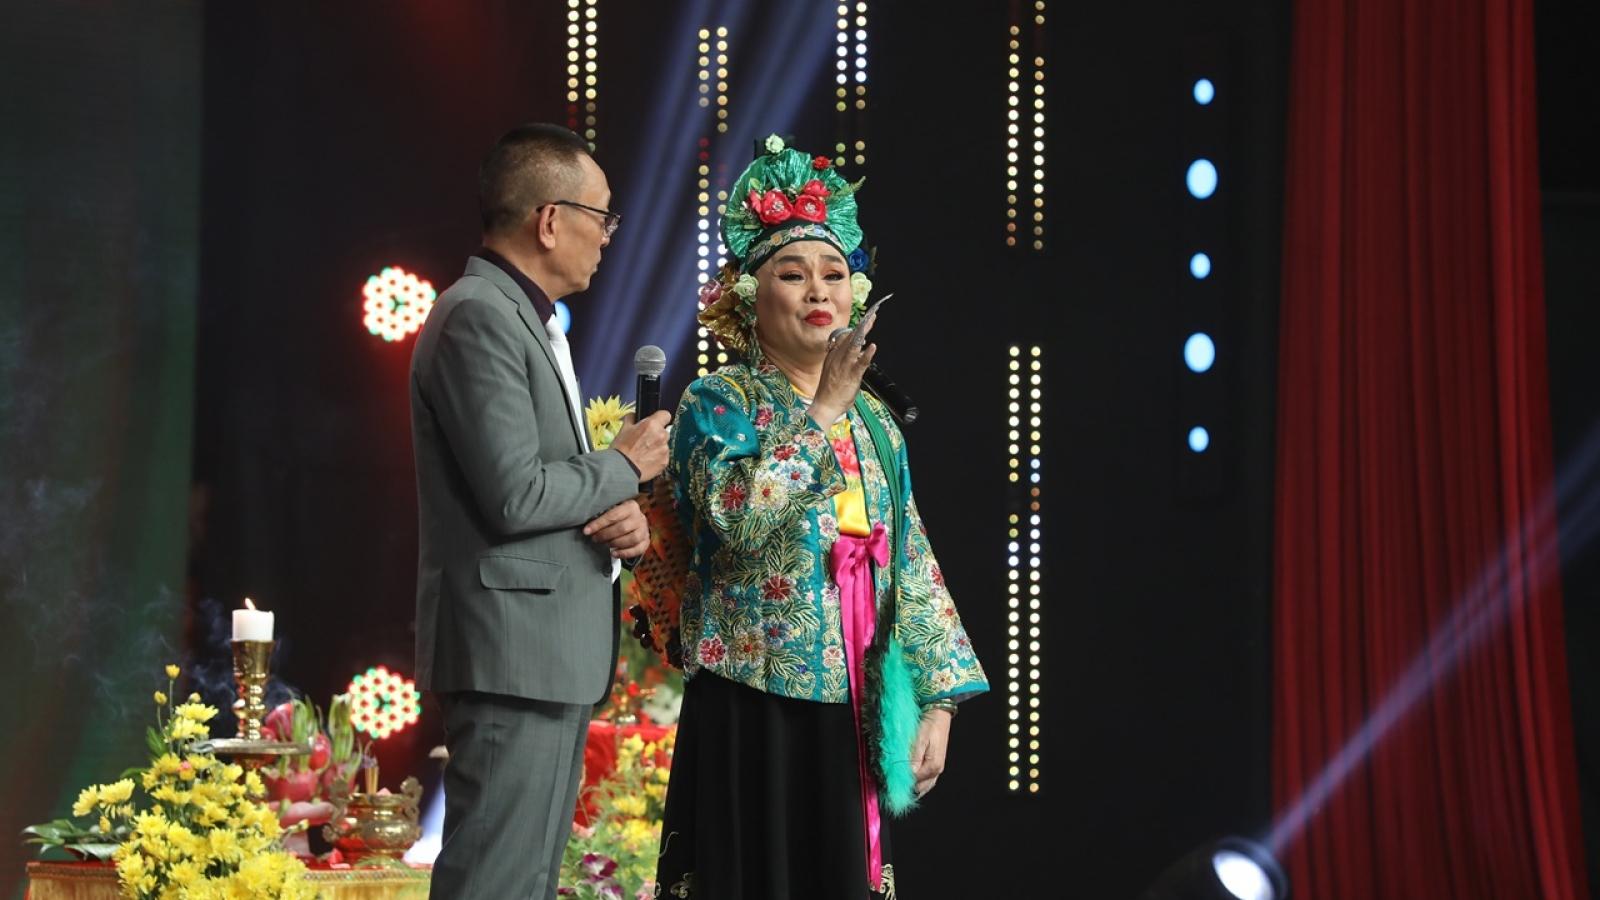 Nghệ sĩ Xuân Hinh bật khóc kể về quãng thời gian khó khăn nhất cuộc đời